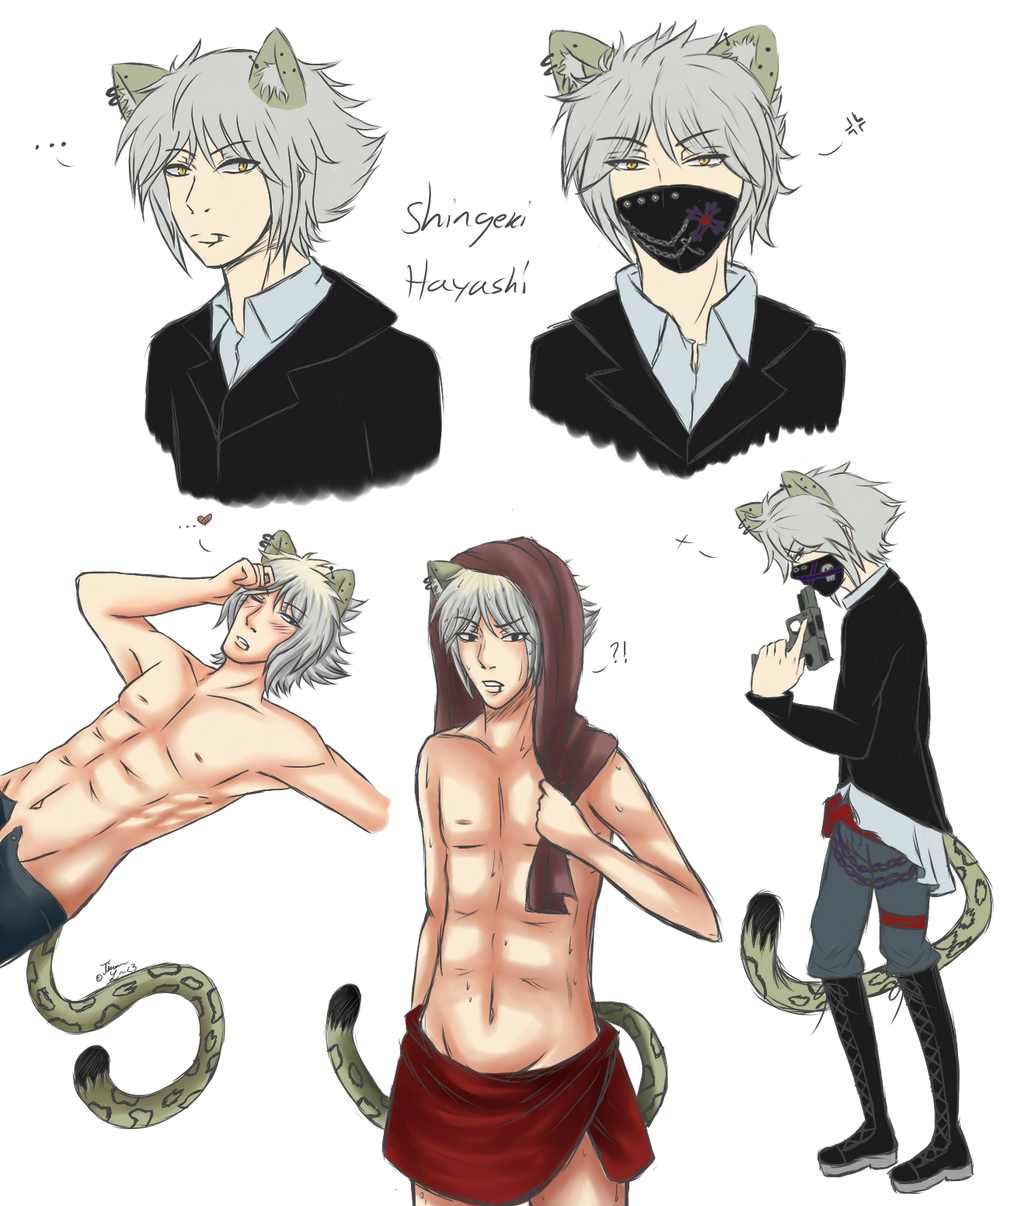 Shigeki hayashi doodles .:OC:. by KuudereSenpai on DeviantArt